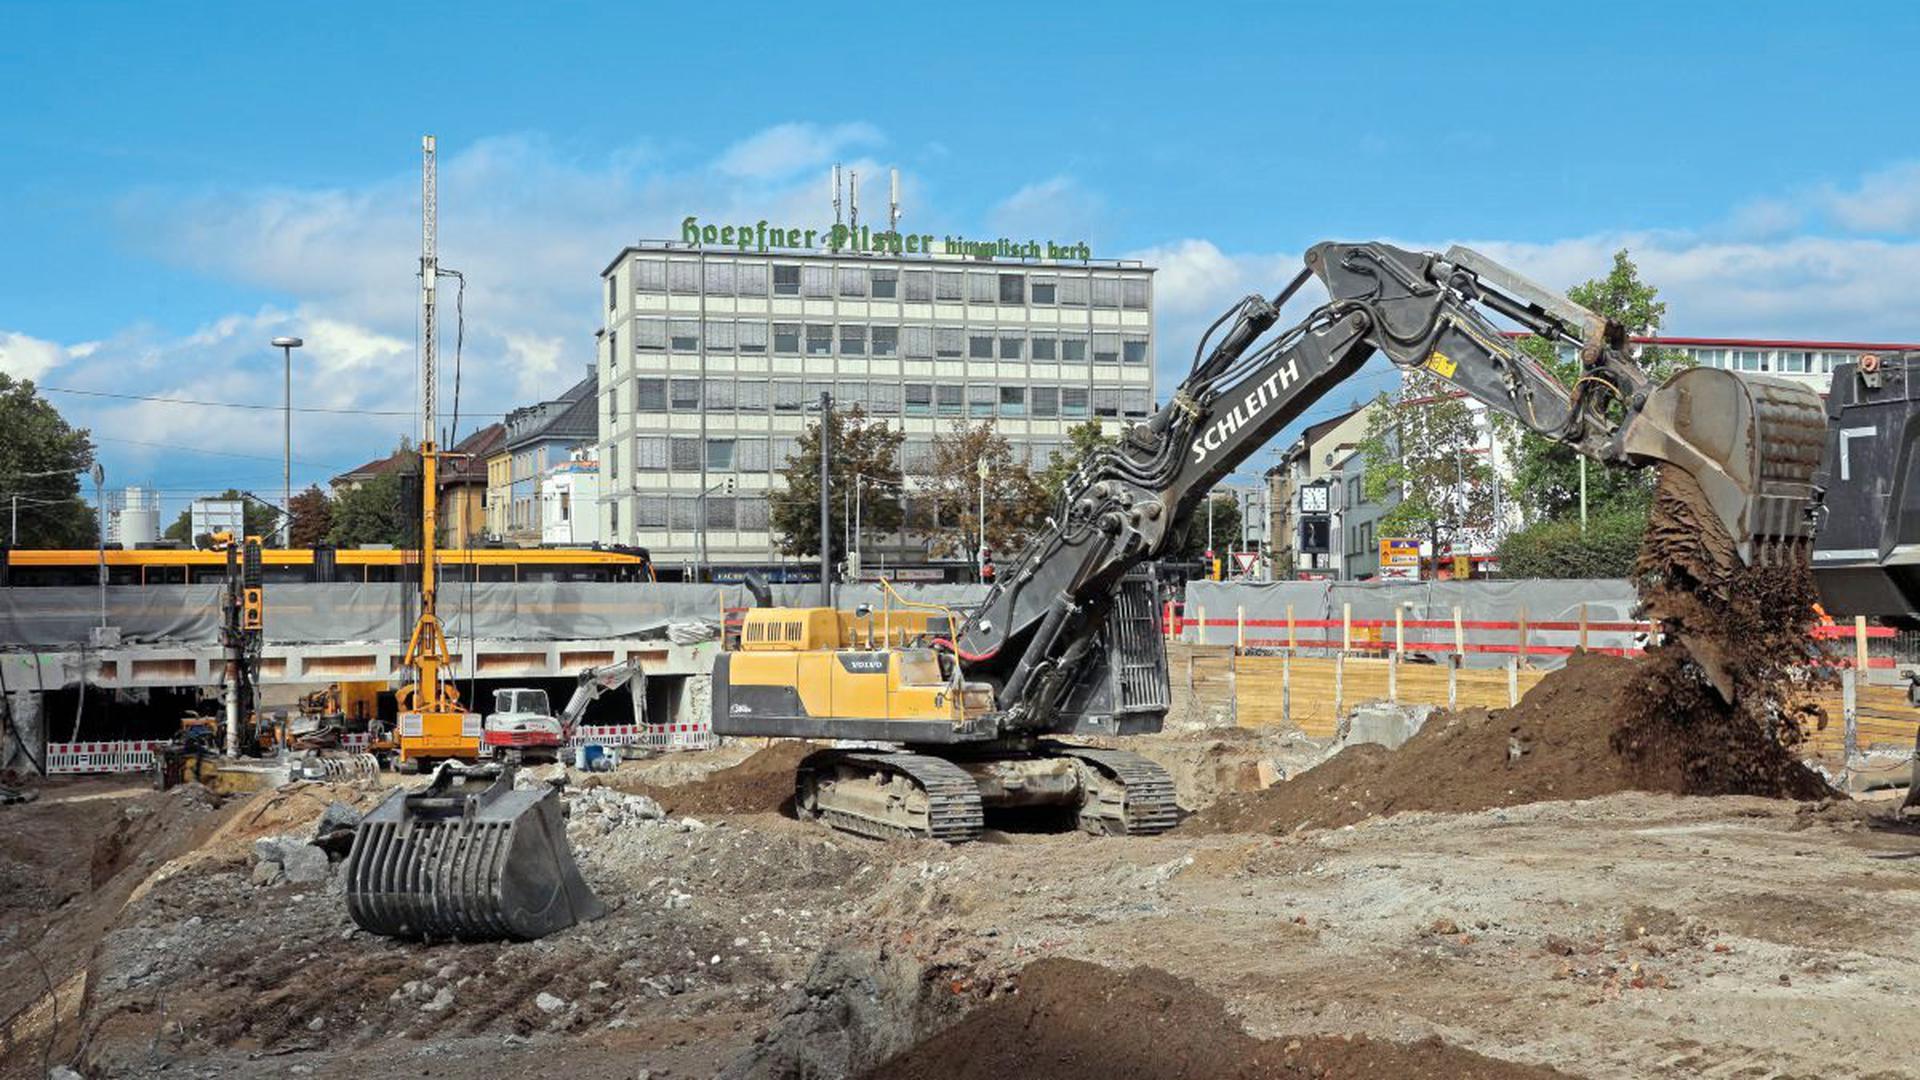 Vor dem Karlsrtor sind die Bauarbeiten für den Autotunnel Kriegsstraße angekommen. Noch rollt die Straßenbahn über die Kreuzung. Ab Frühling 2020 ist es damit bei einer Unterbrechung insgesamt über ein Jahr lang vorbei. Ende 2021 soll die Großbaustelle für die Kombilösung am Karlstor Geschichte sein.